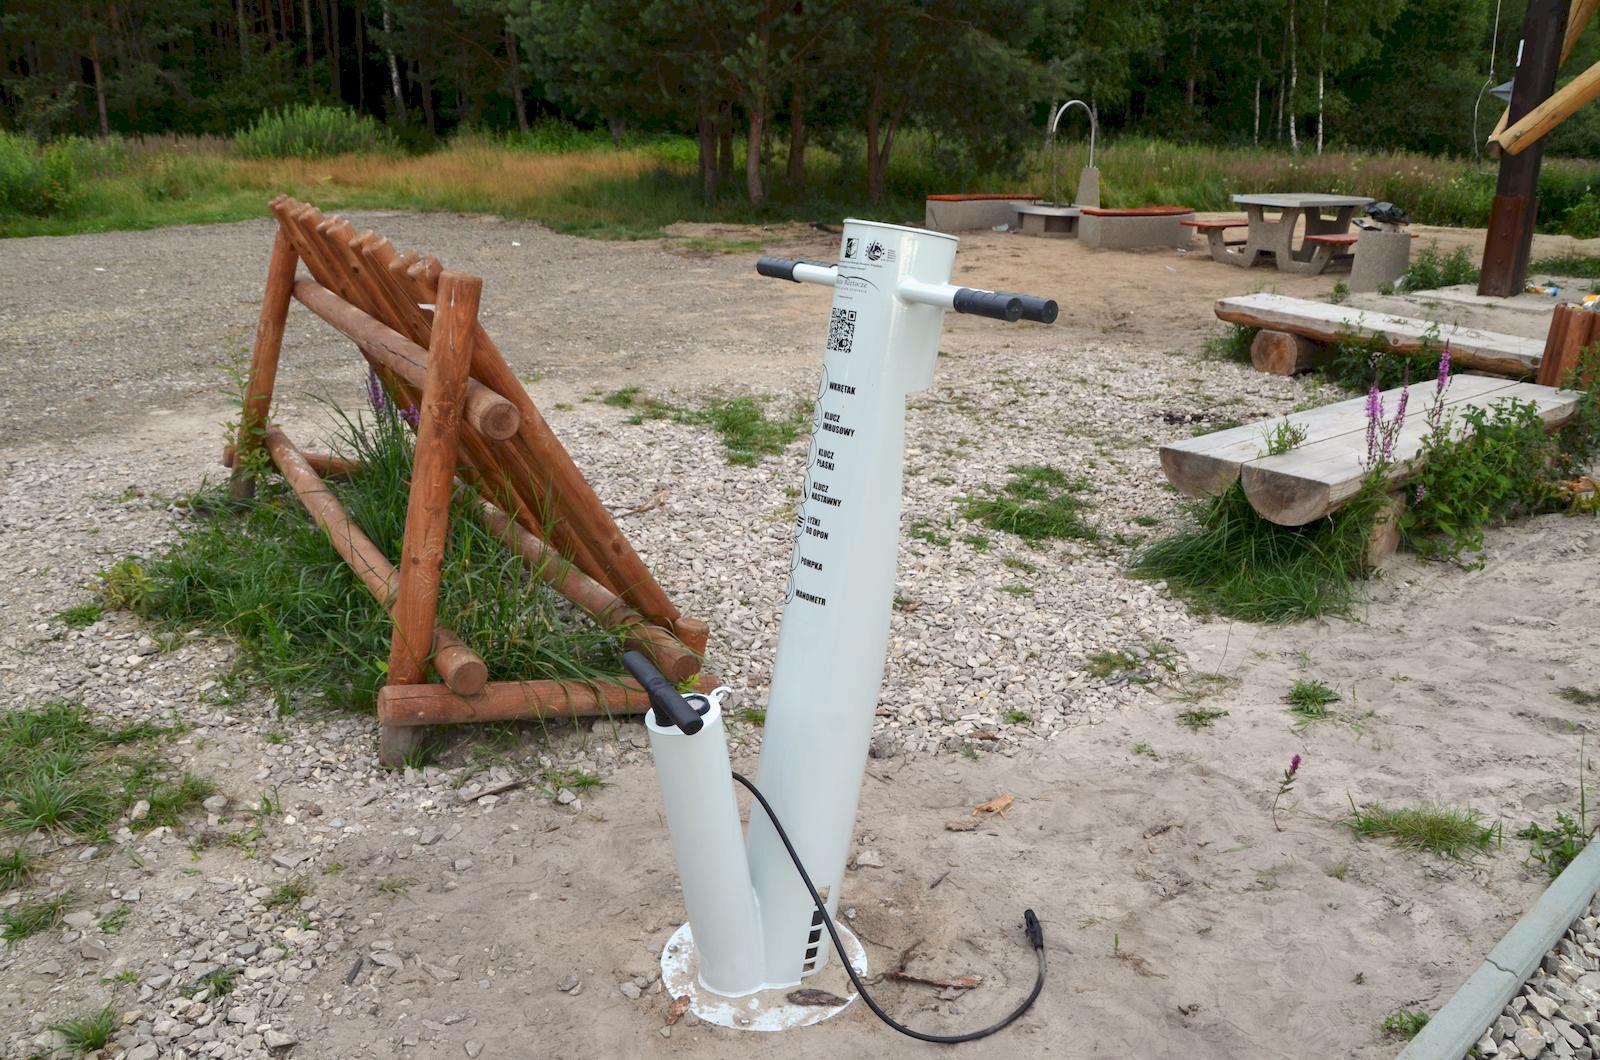 dsc 0342 1 Gm. Zamość: Tu odpoczniesz, zrobisz grilla i naprawisz rower.